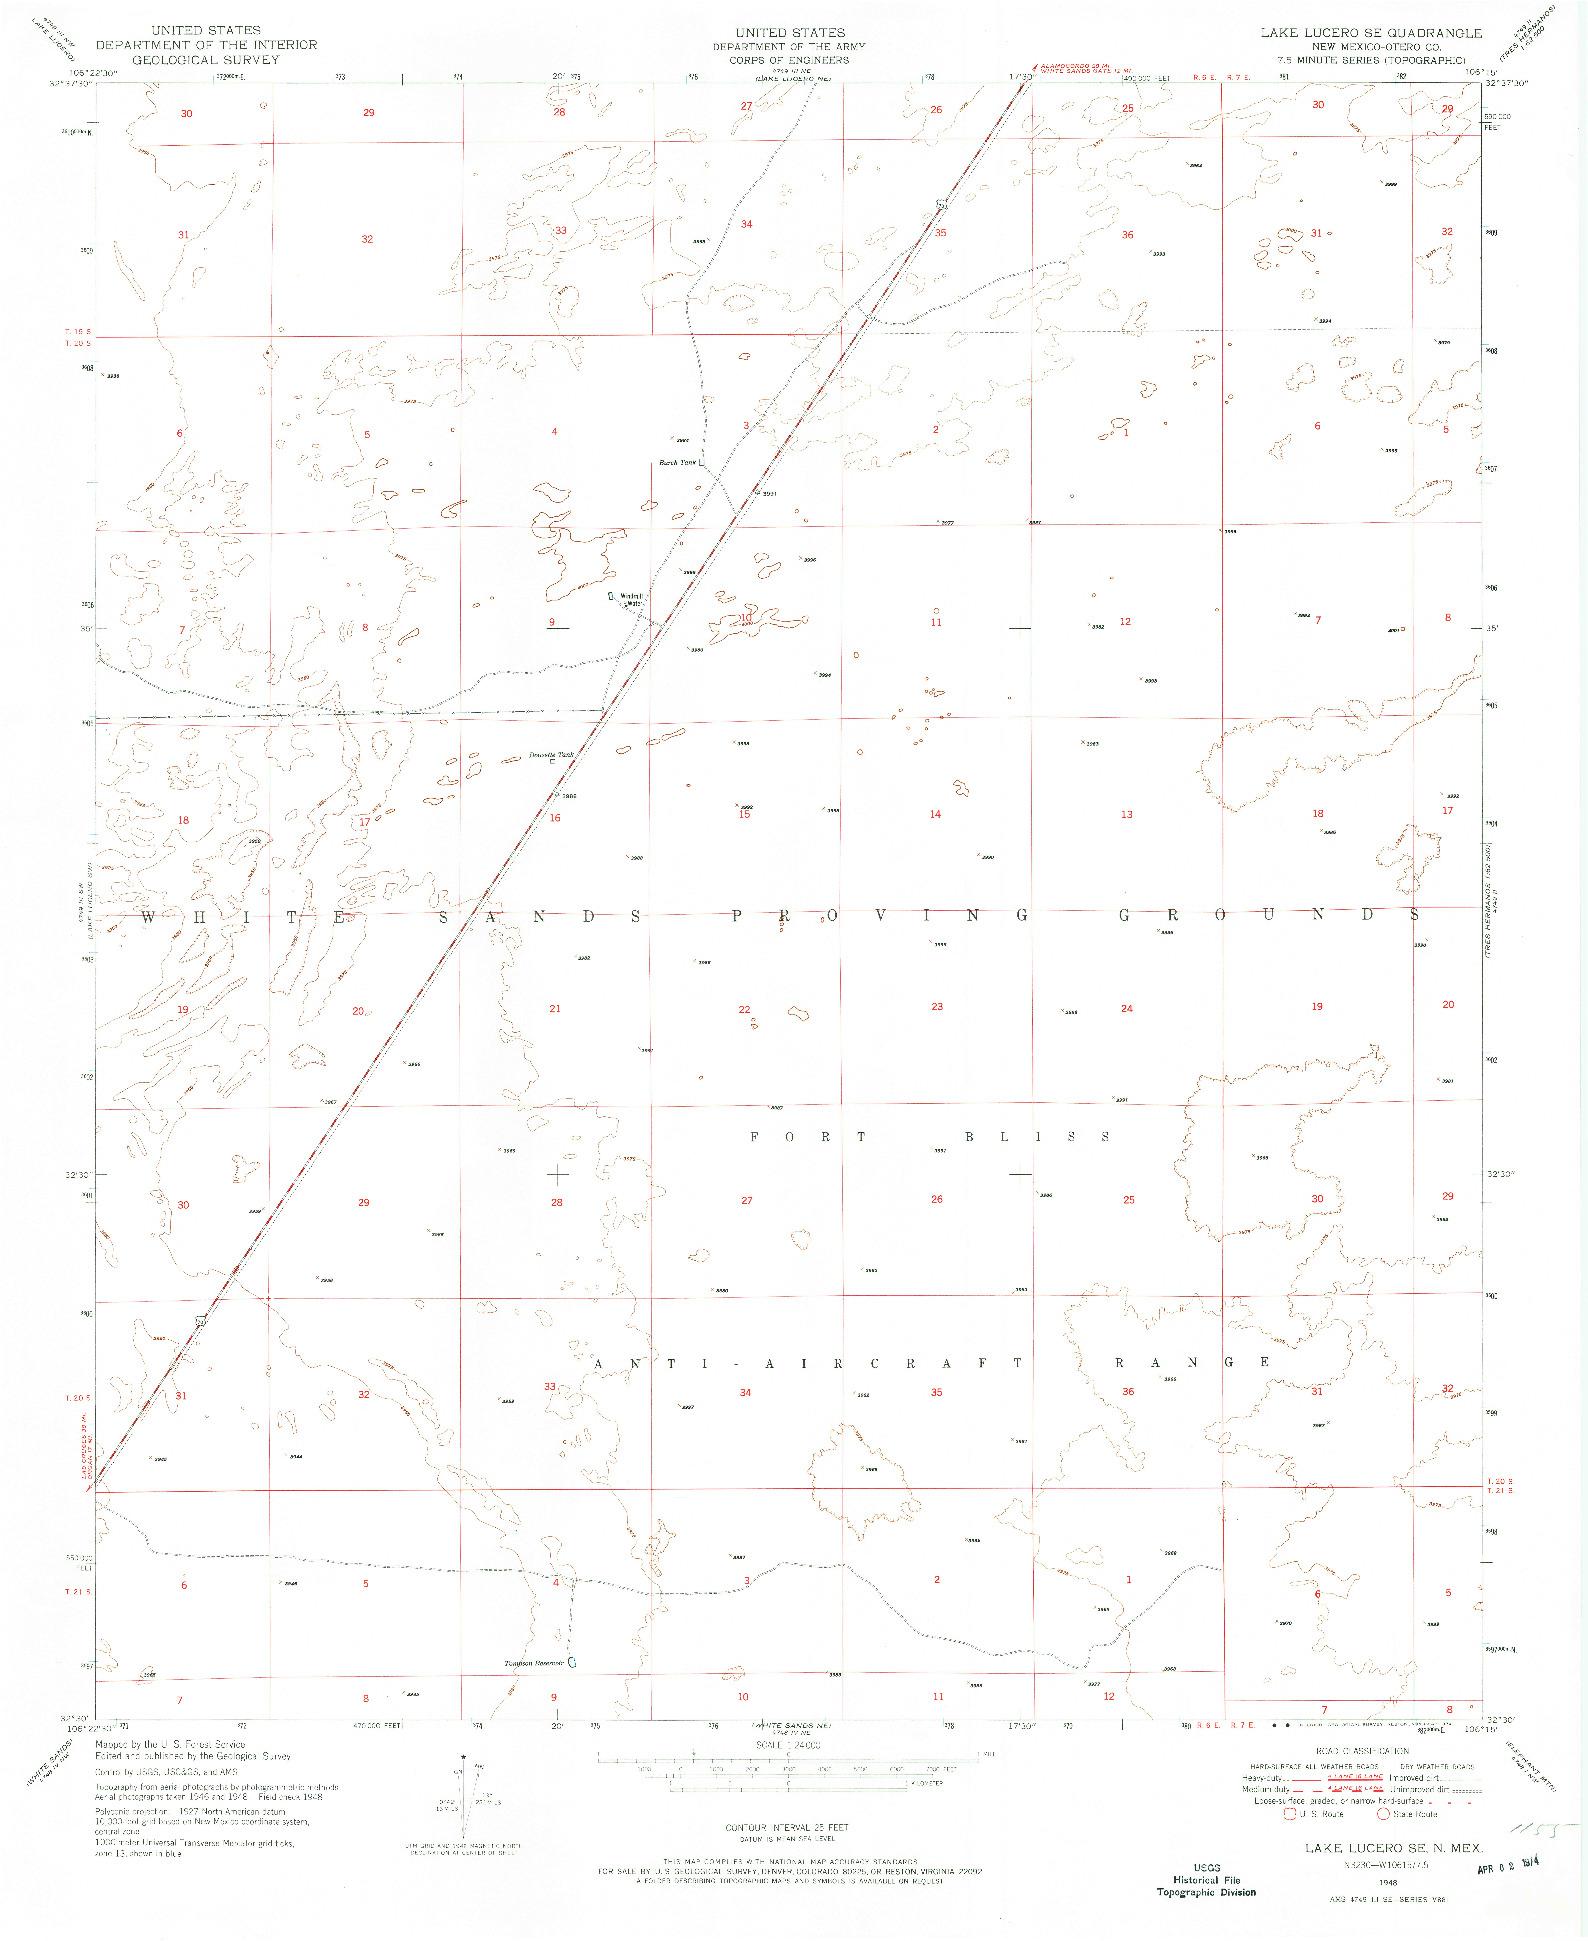 USGS 1:24000-SCALE QUADRANGLE FOR LAKE LUCERO SE, NM 1948